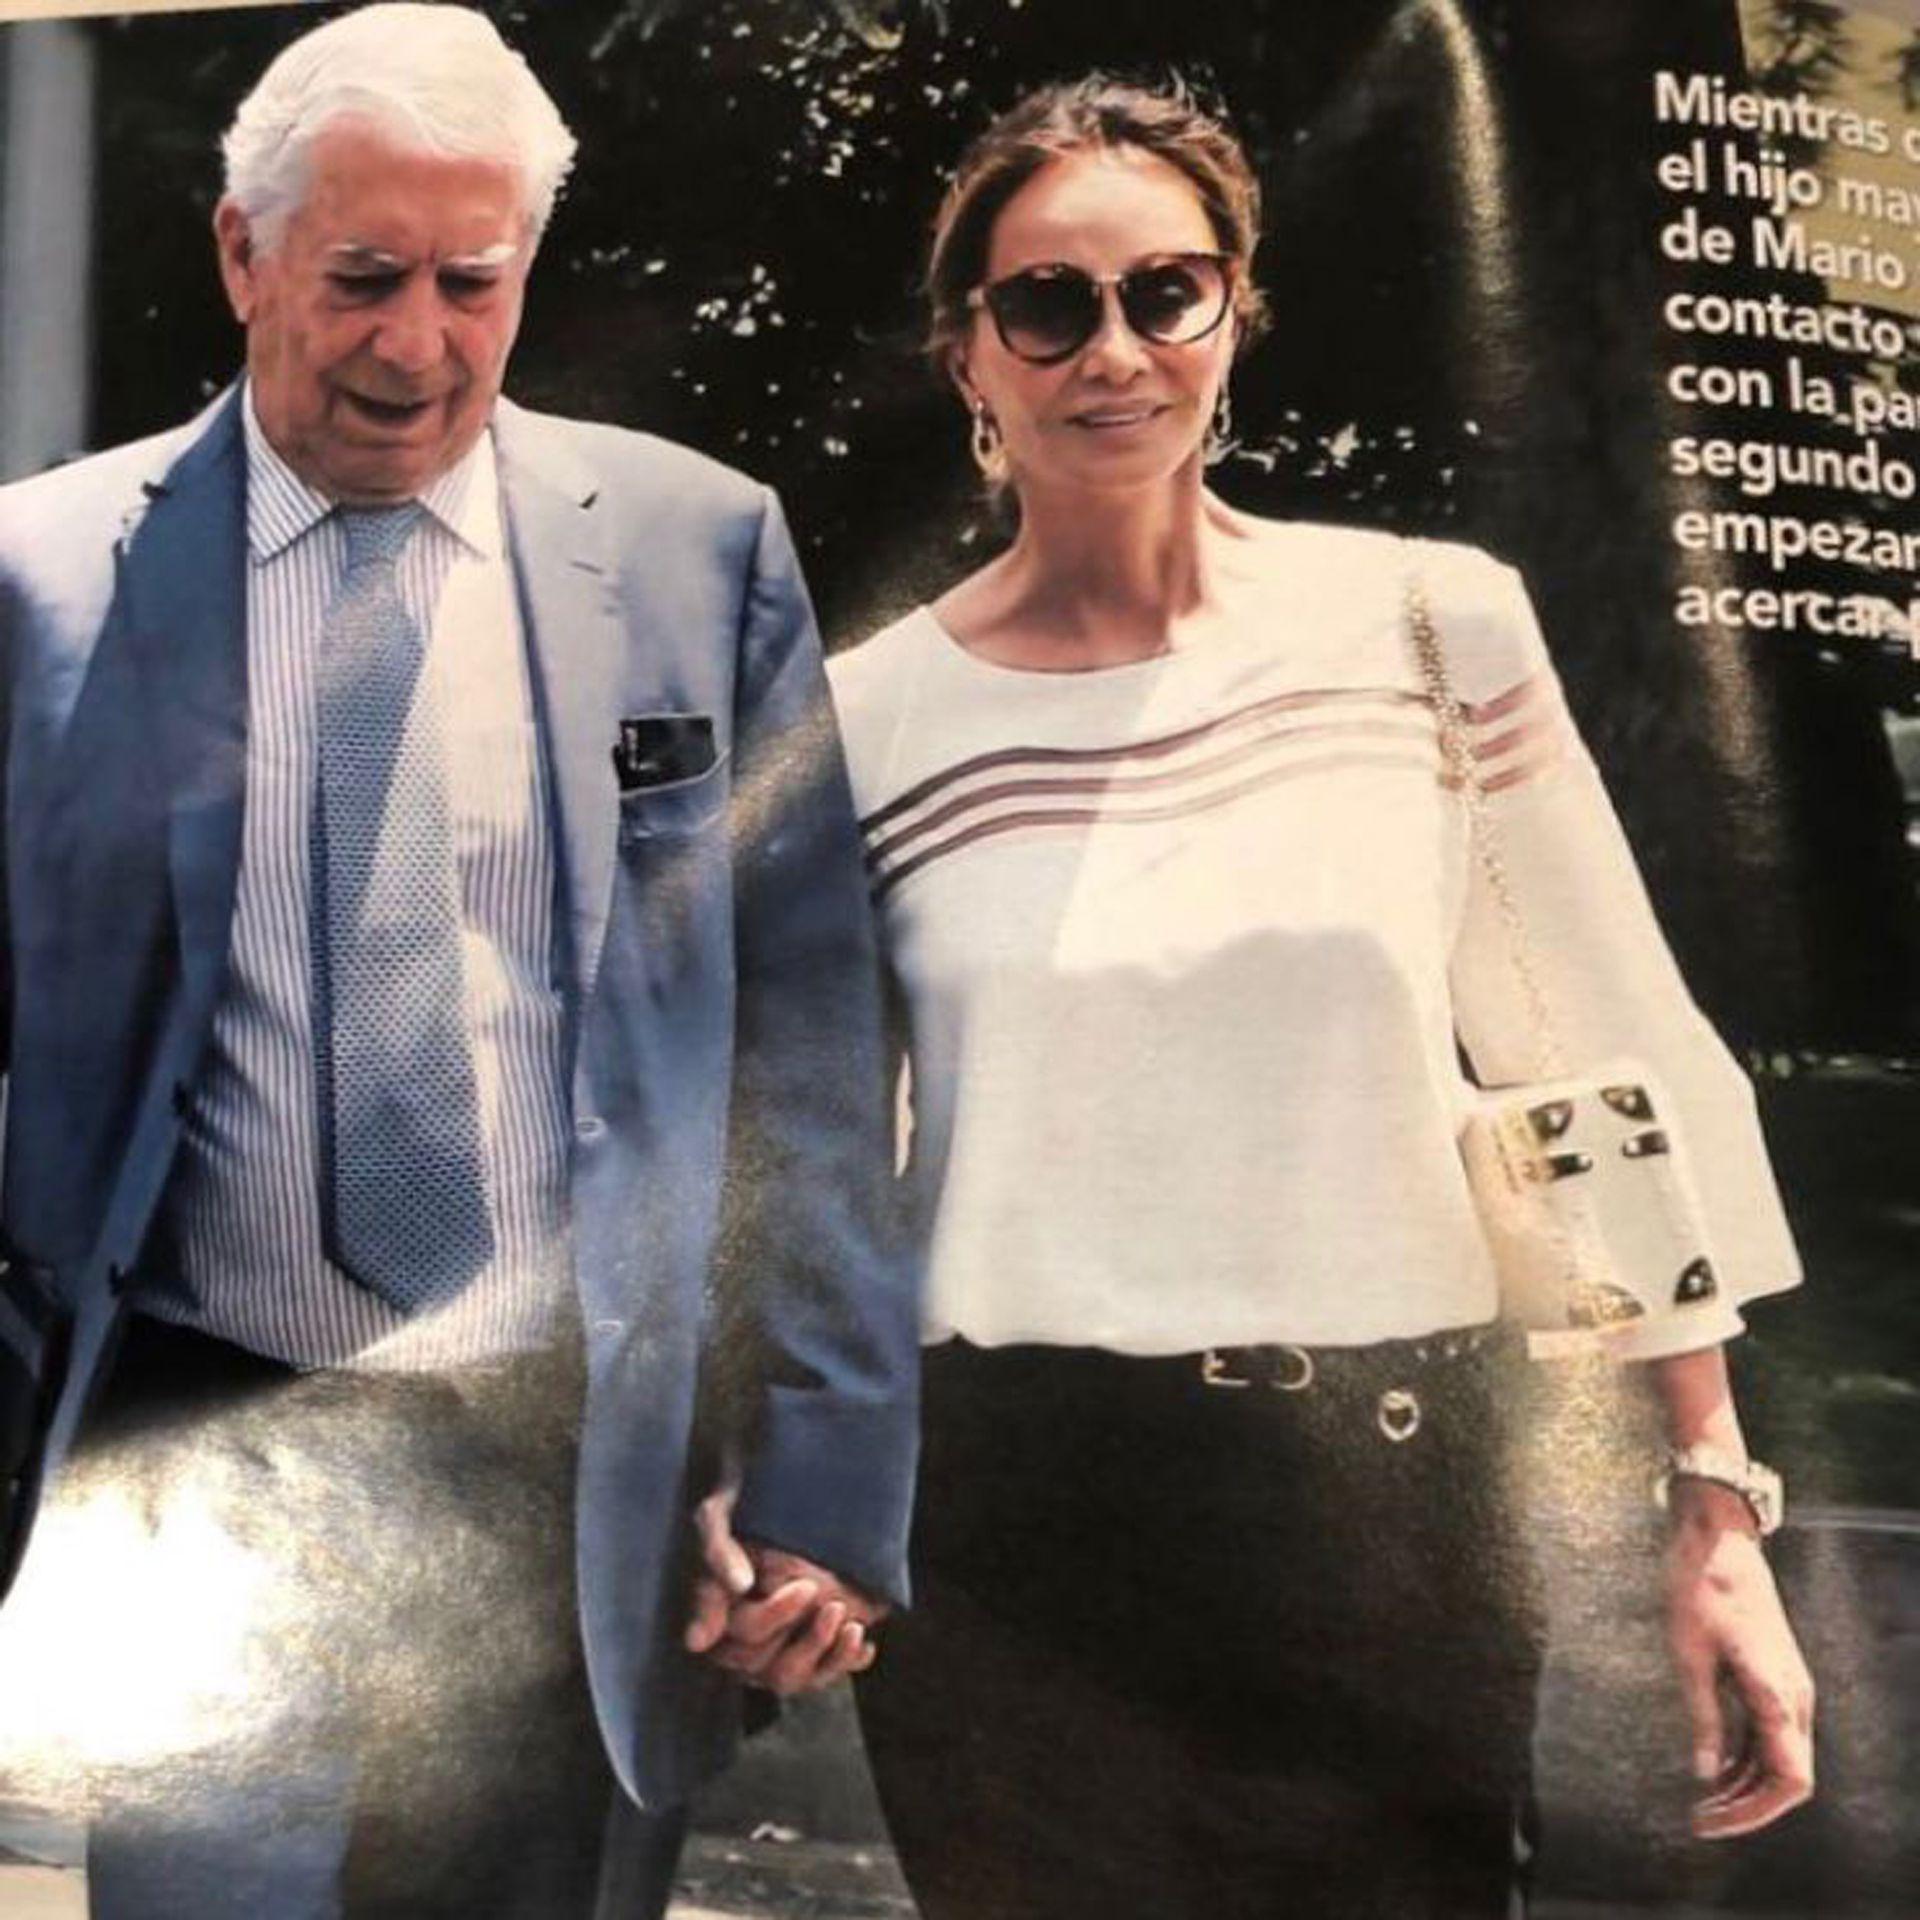 Isabel Preysler, protagonista de la vida social en Madrid, en una foto de la revista ¡HOLA!, con una cartera Luis Negri.